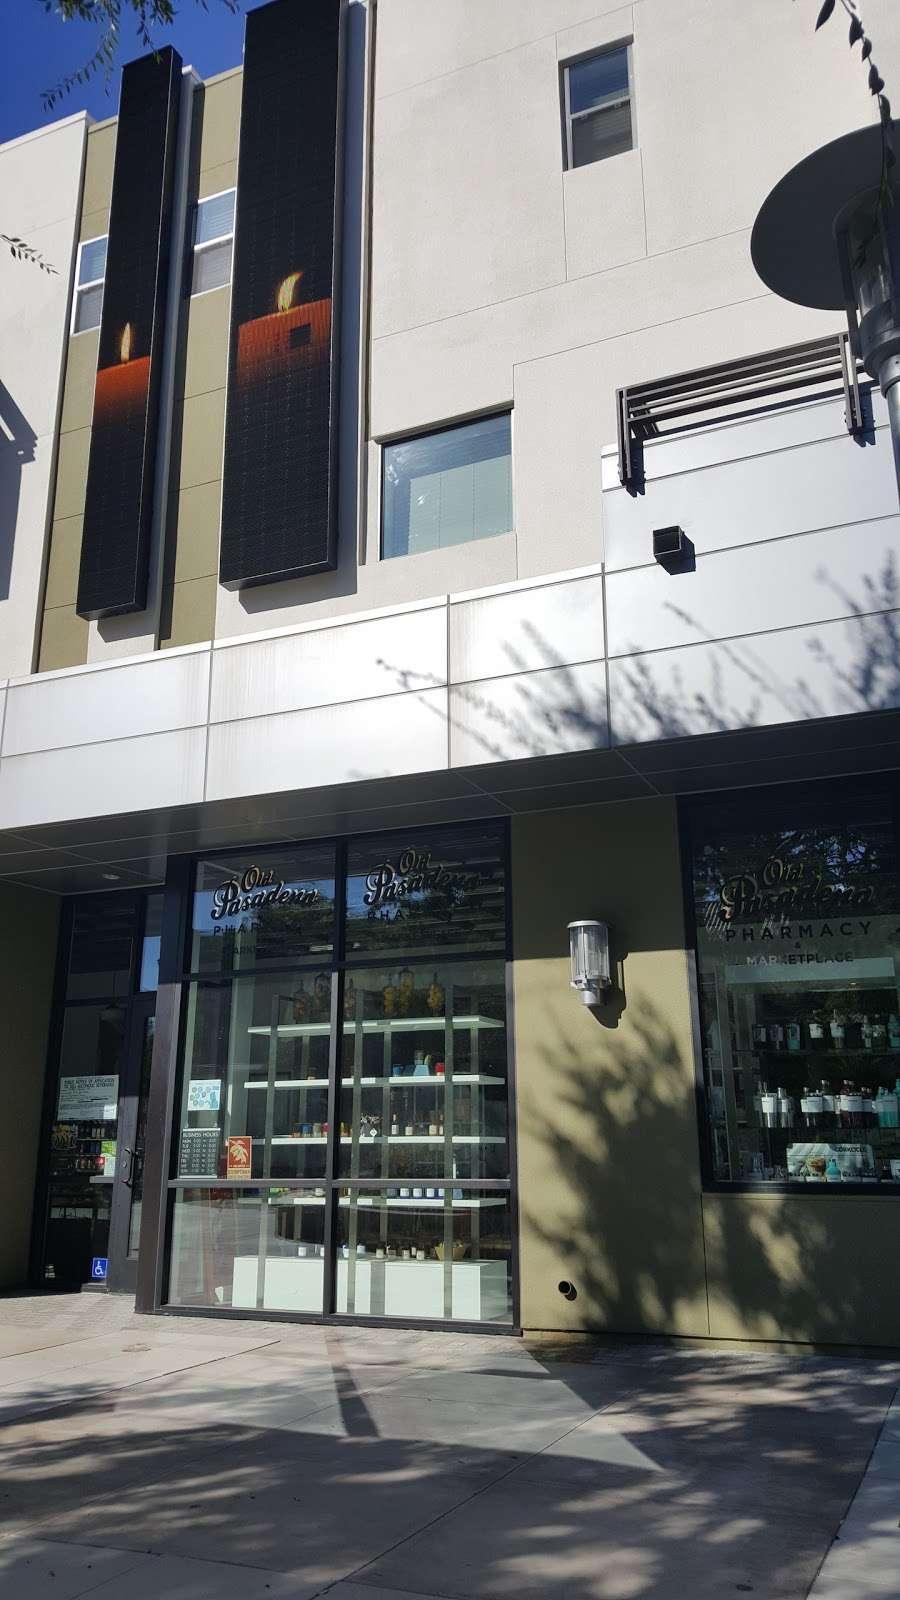 Old Pasadena Pharmacy - pharmacy  | Photo 1 of 10 | Address: 155 S De Lacey Ave #1000, Pasadena, CA 91105, USA | Phone: (626) 844-5000